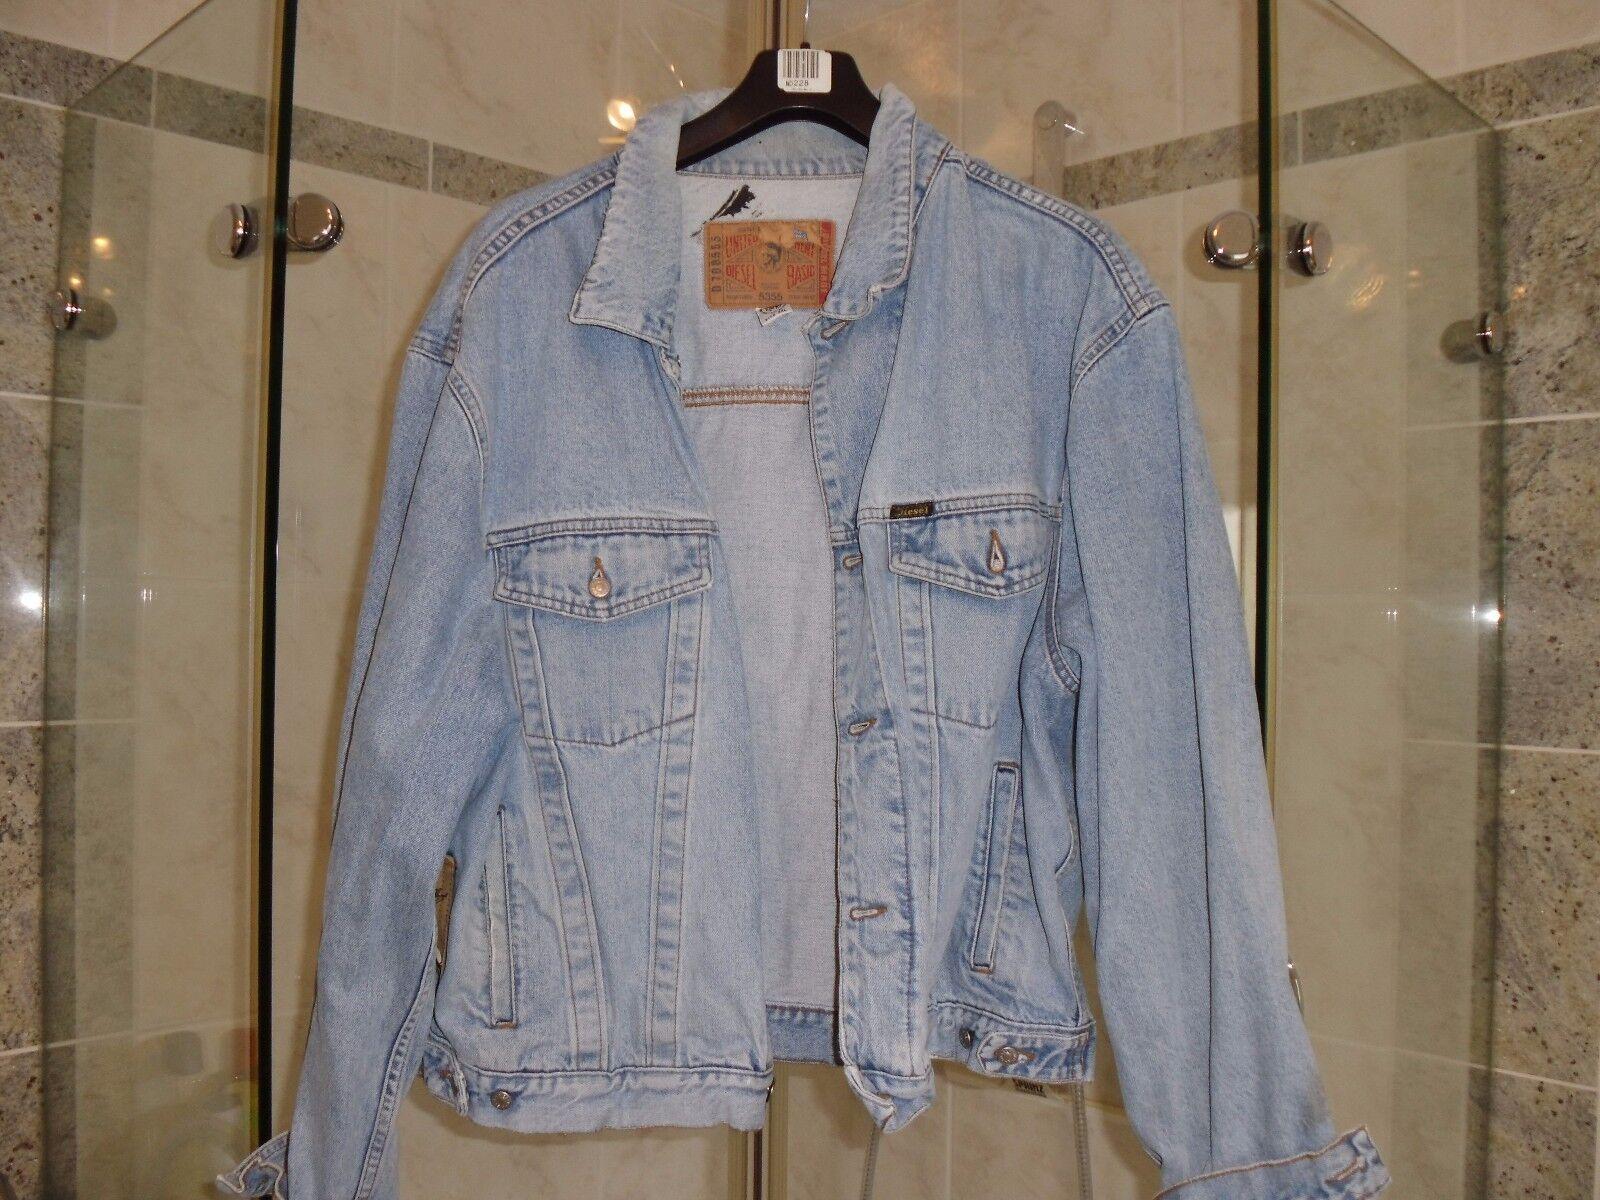 DIESEL   Blau Jeans Jacke  Größe XXL   Vintage Look